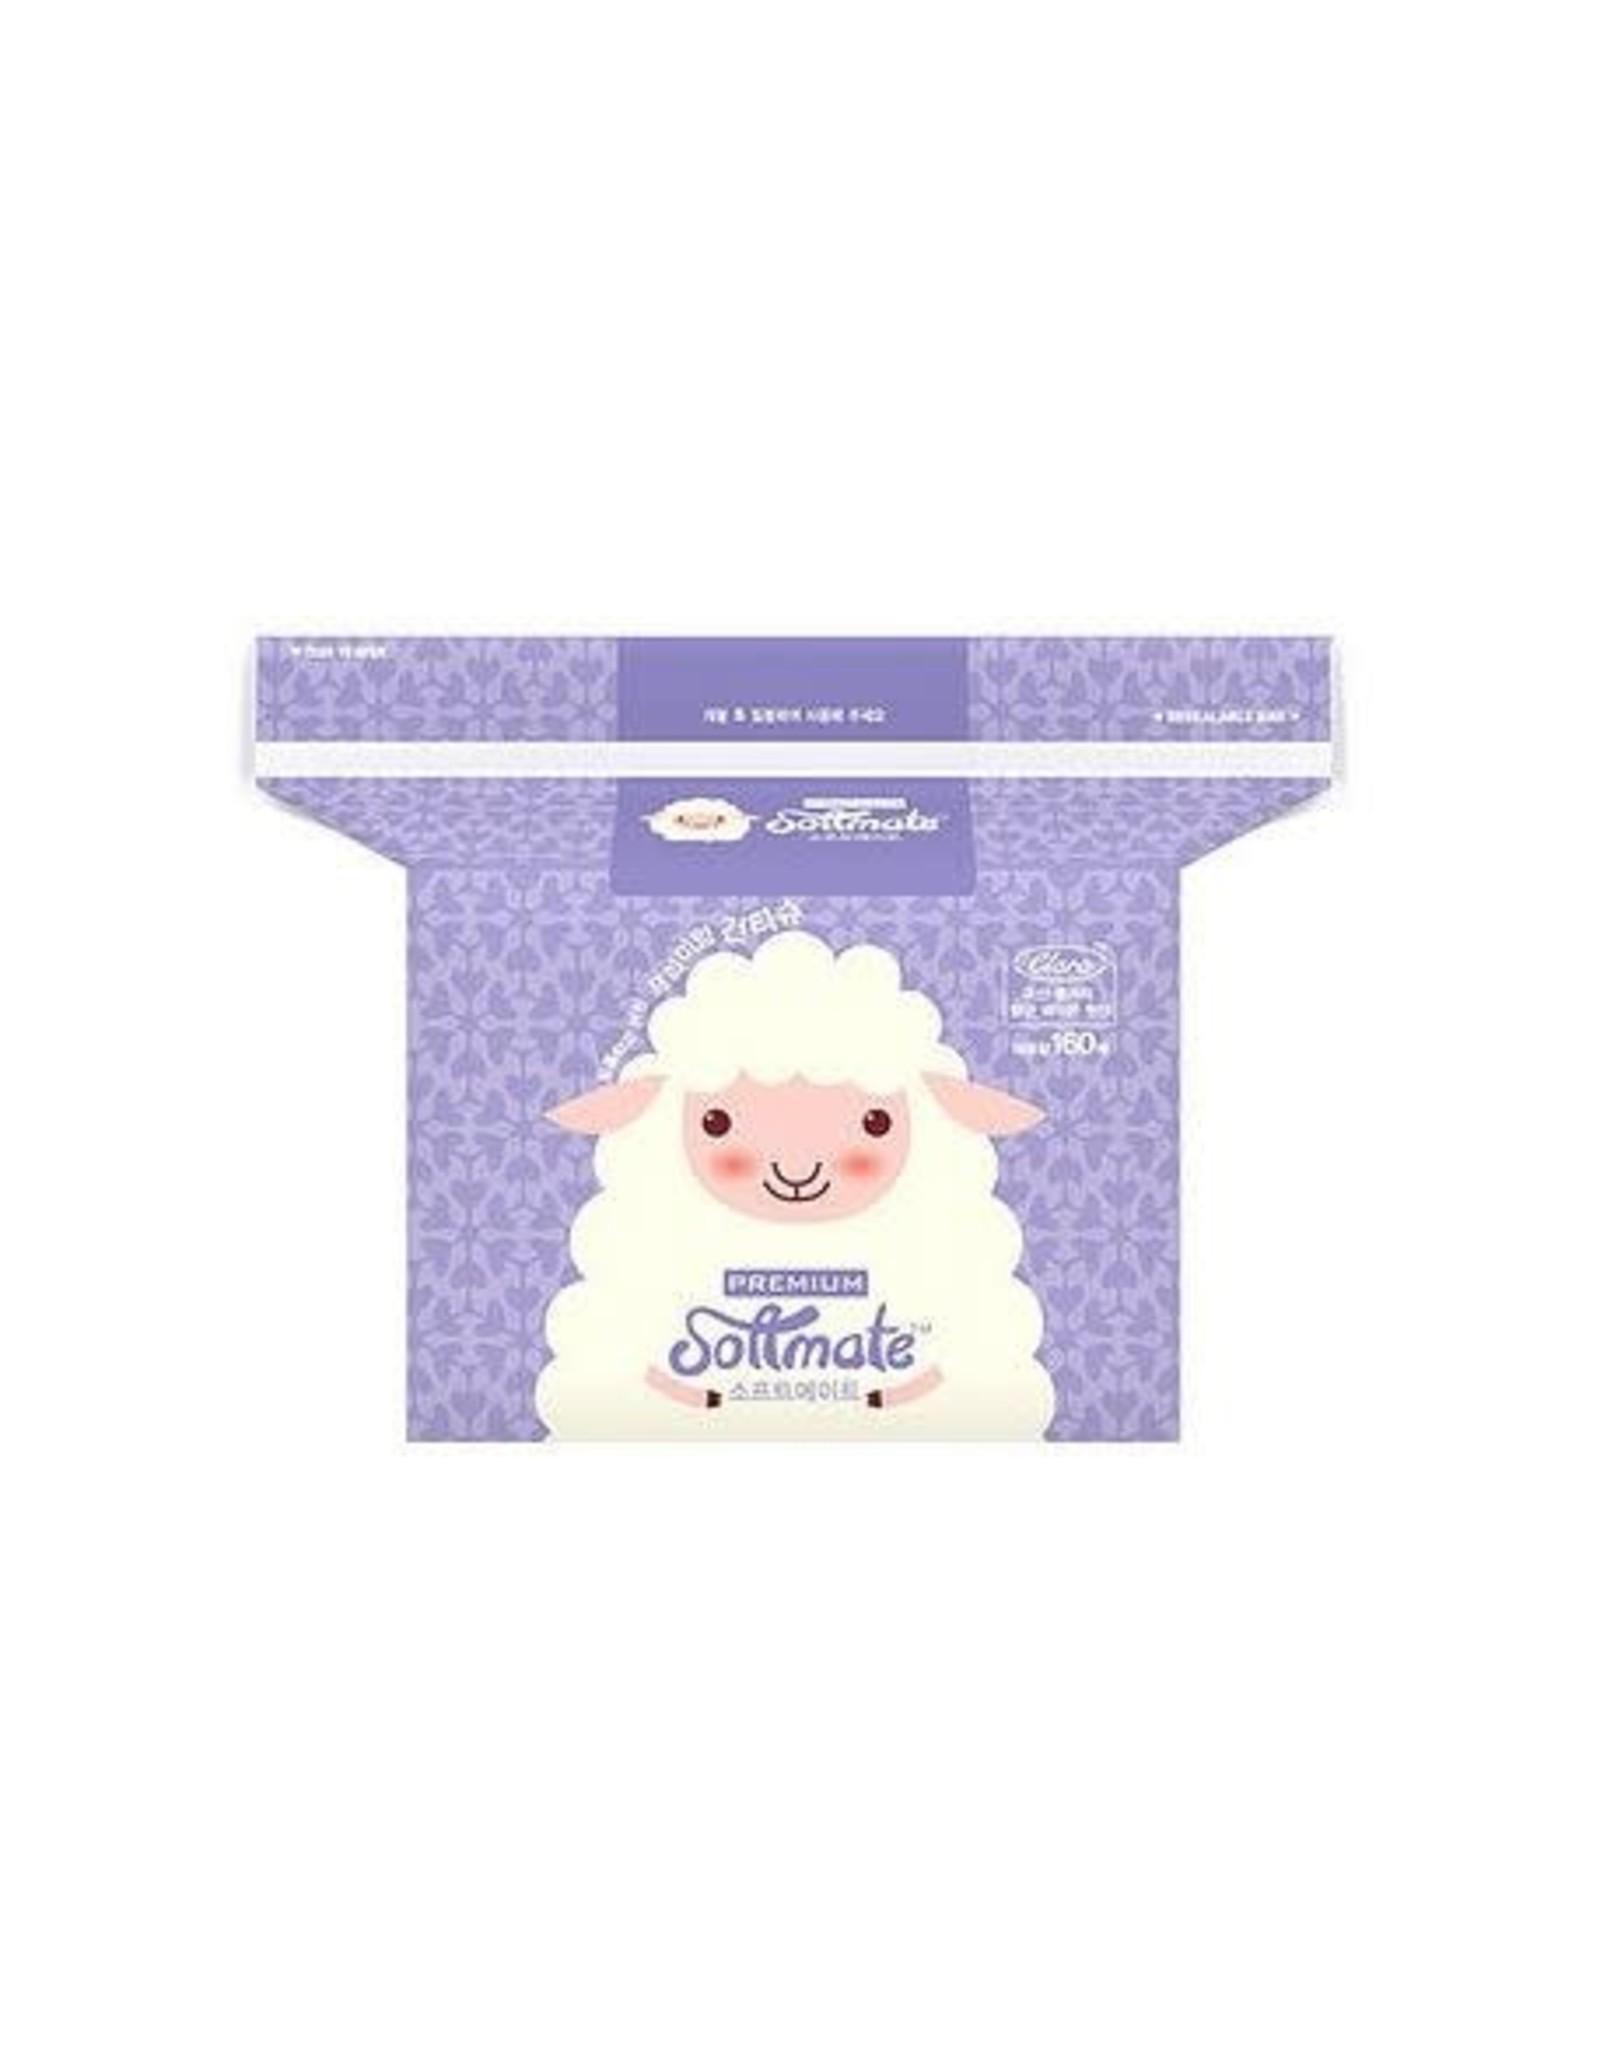 Softmate Premium Nature Dry Tissue 160pcs